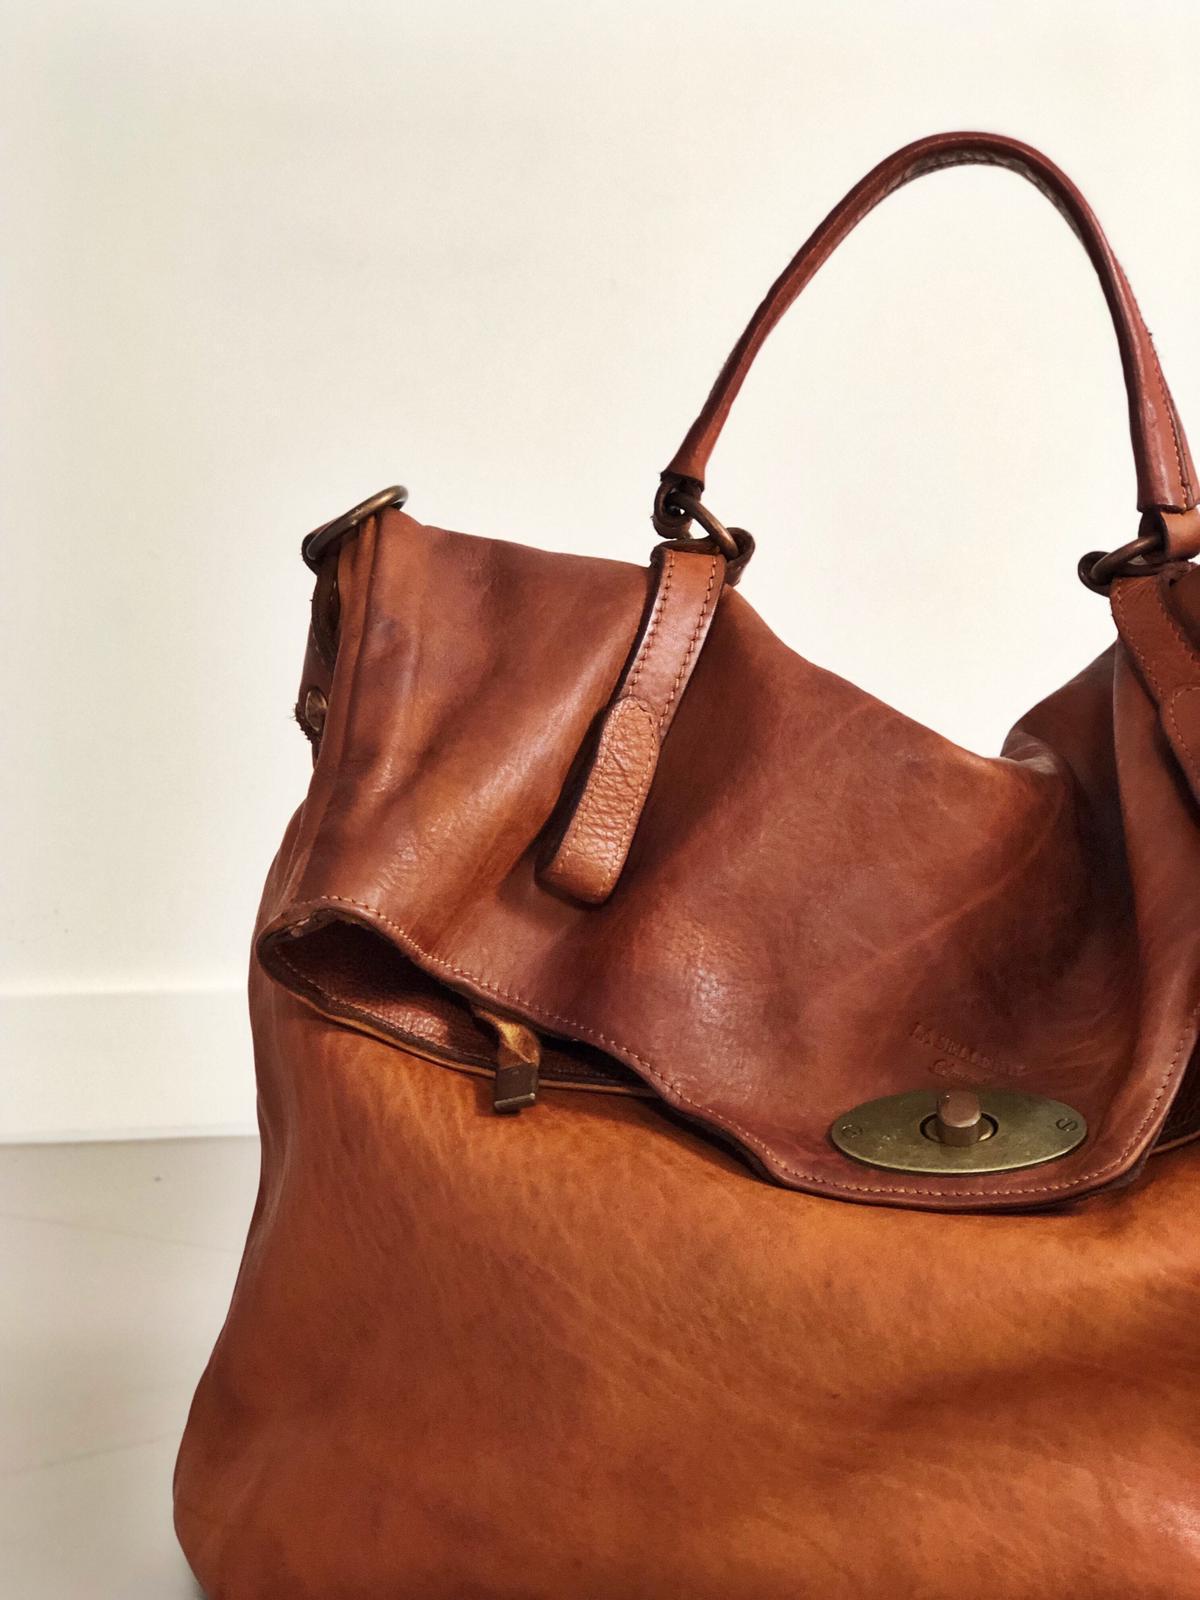 MAIL BAG handmade leather bag image 4